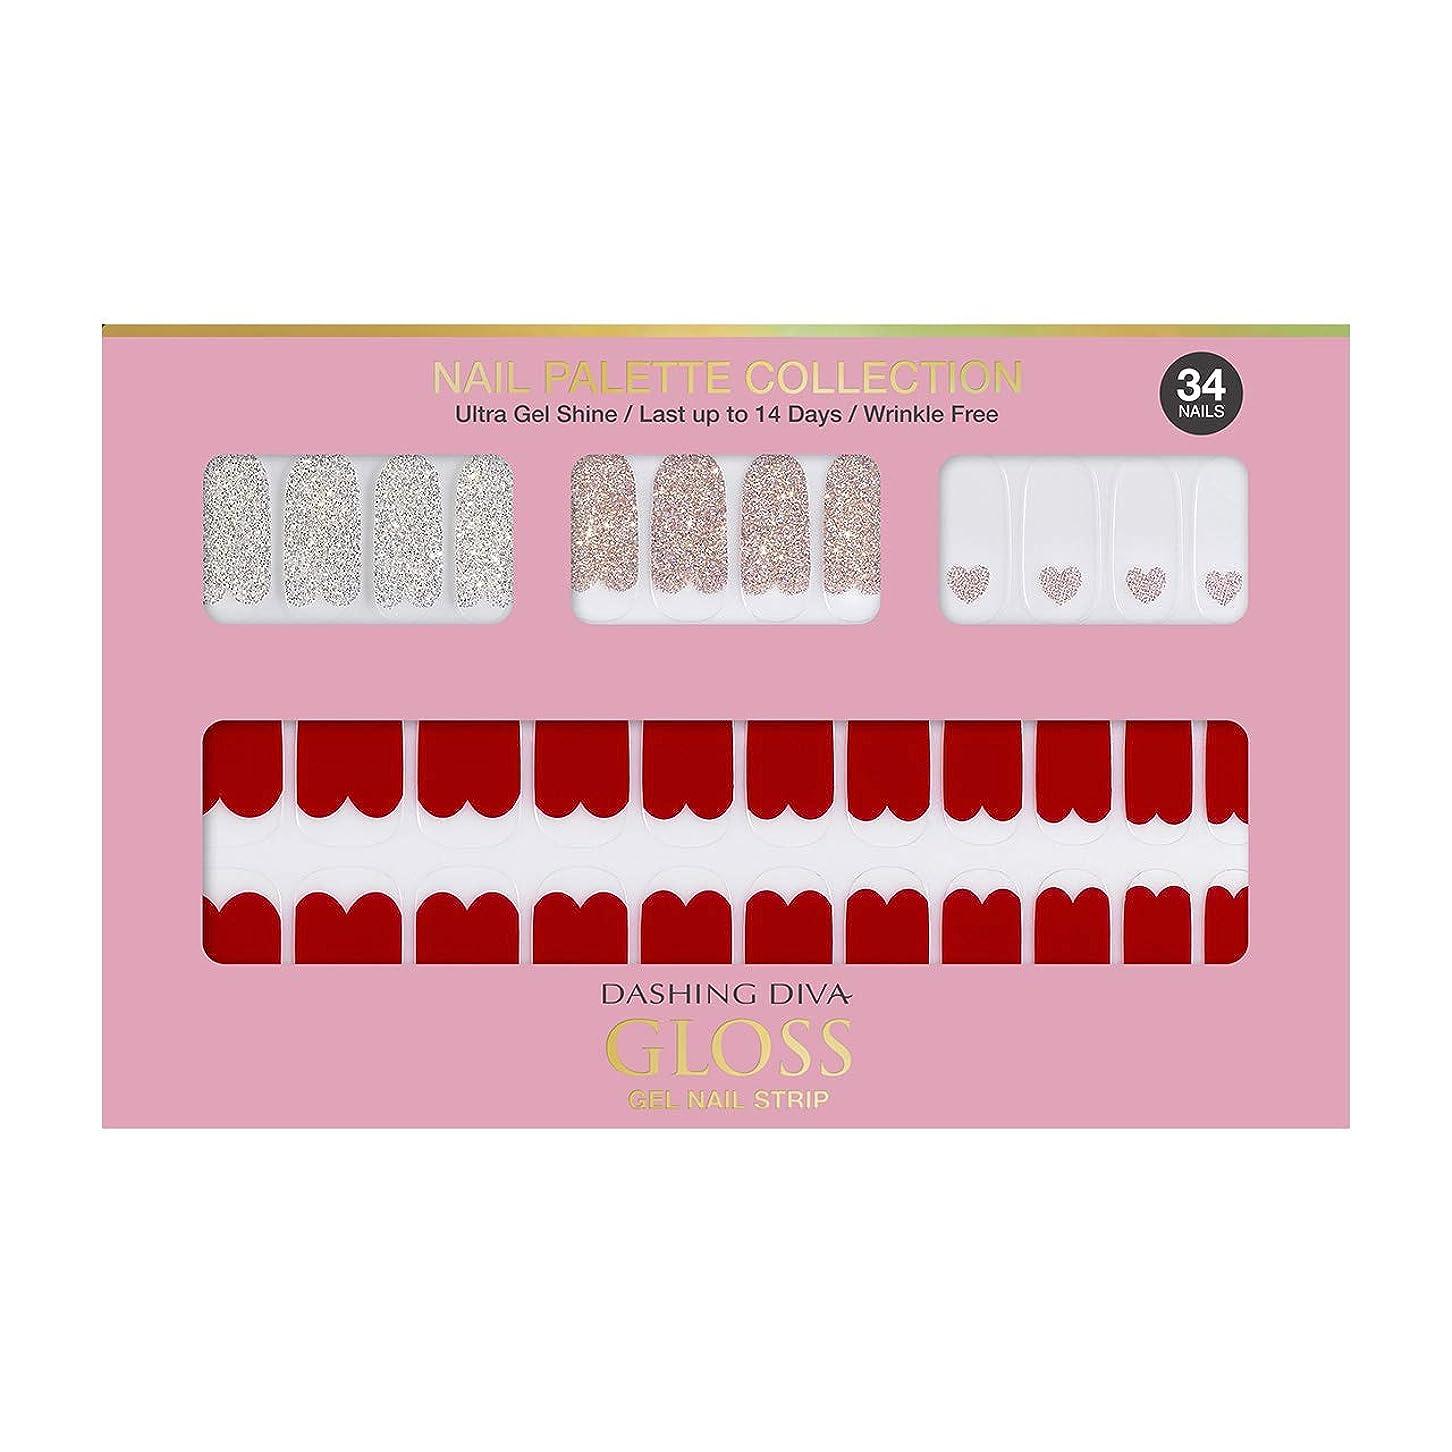 アルカイック海上蒸留ダッシングディバ グロスジェル ネイルストリップ DASHING DIVA Gloss Gel Nail Strip DGNP05-DURY+ オリジナルジェル ネイルシール Rosy #05 Red Shorts